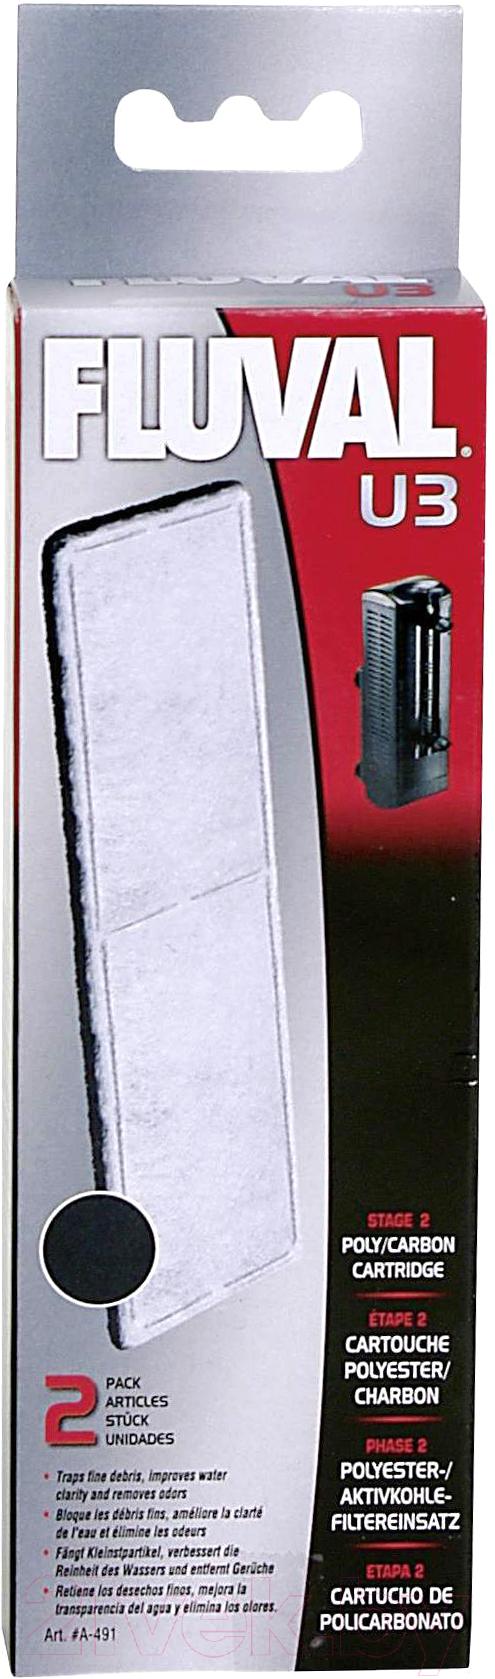 Купить Наполнитель фильтра HAGEN, Fluval U3 / А491, Германия